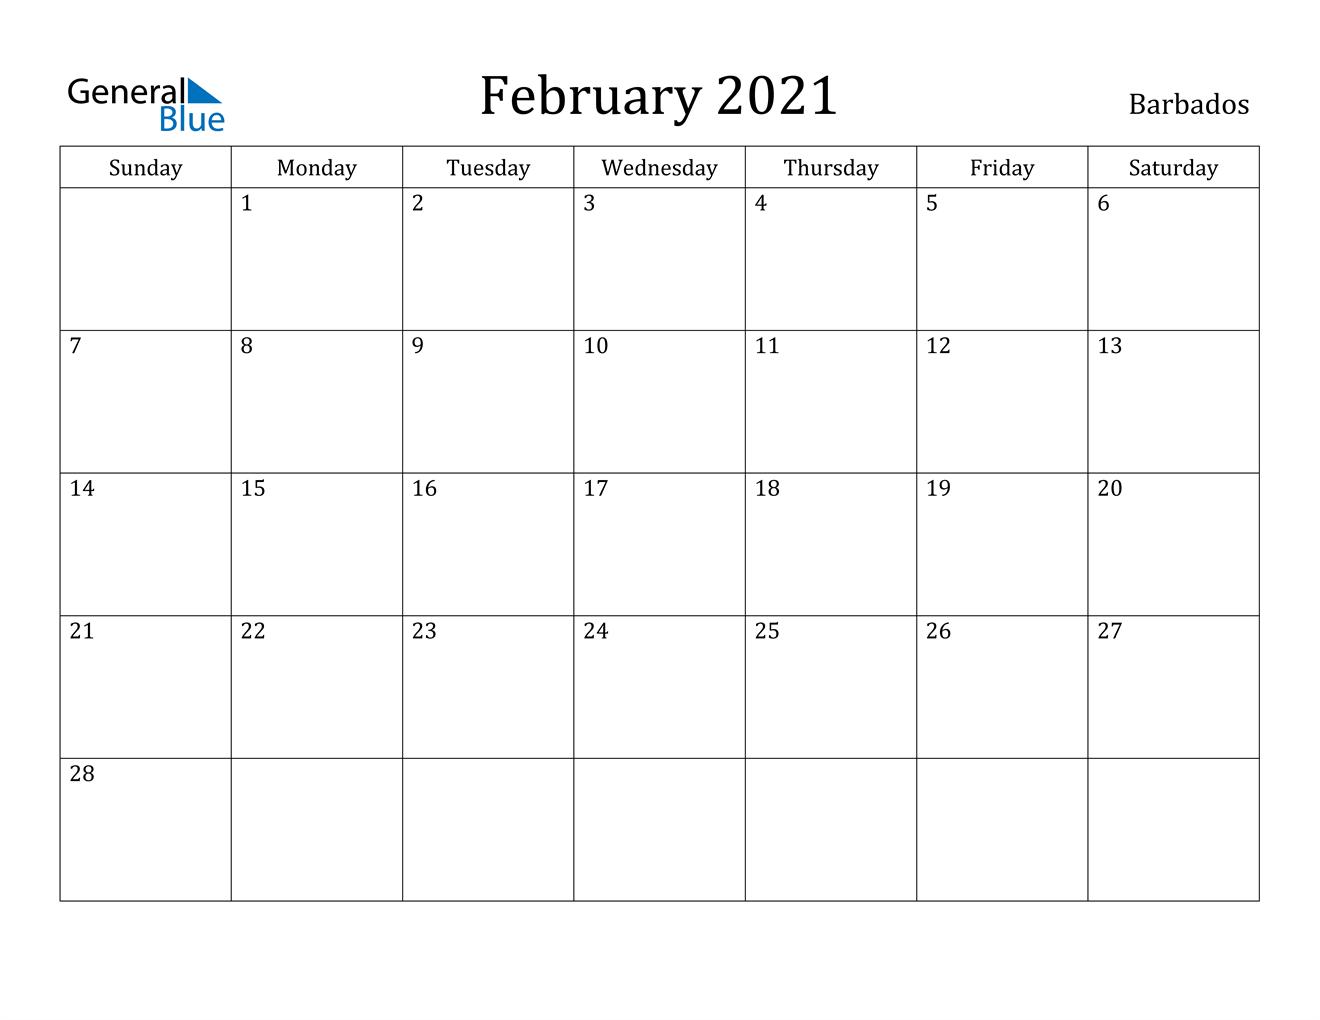 February 2021 Calendar - Barbados